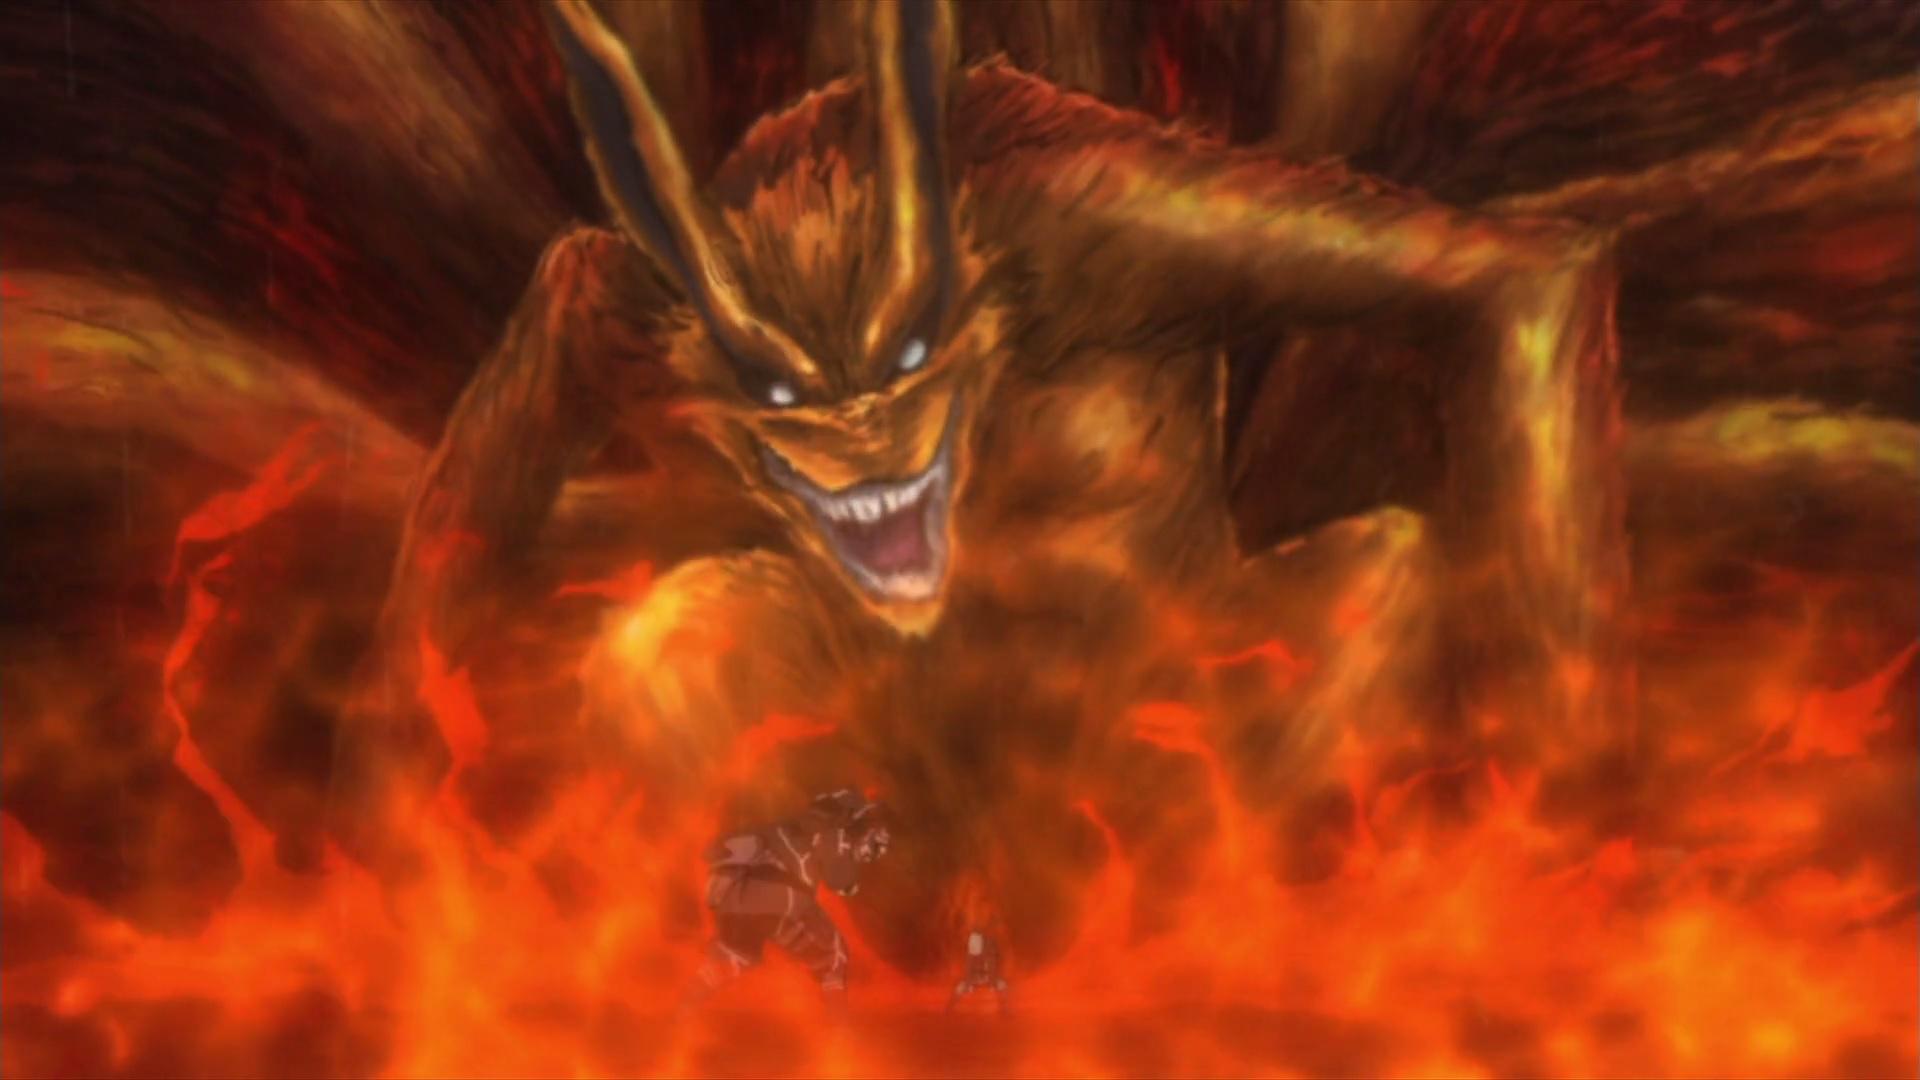 Wallpaper Anime Laptop Sasuke Vs Naruto Orochimaru S Curse Naruto Shippuden